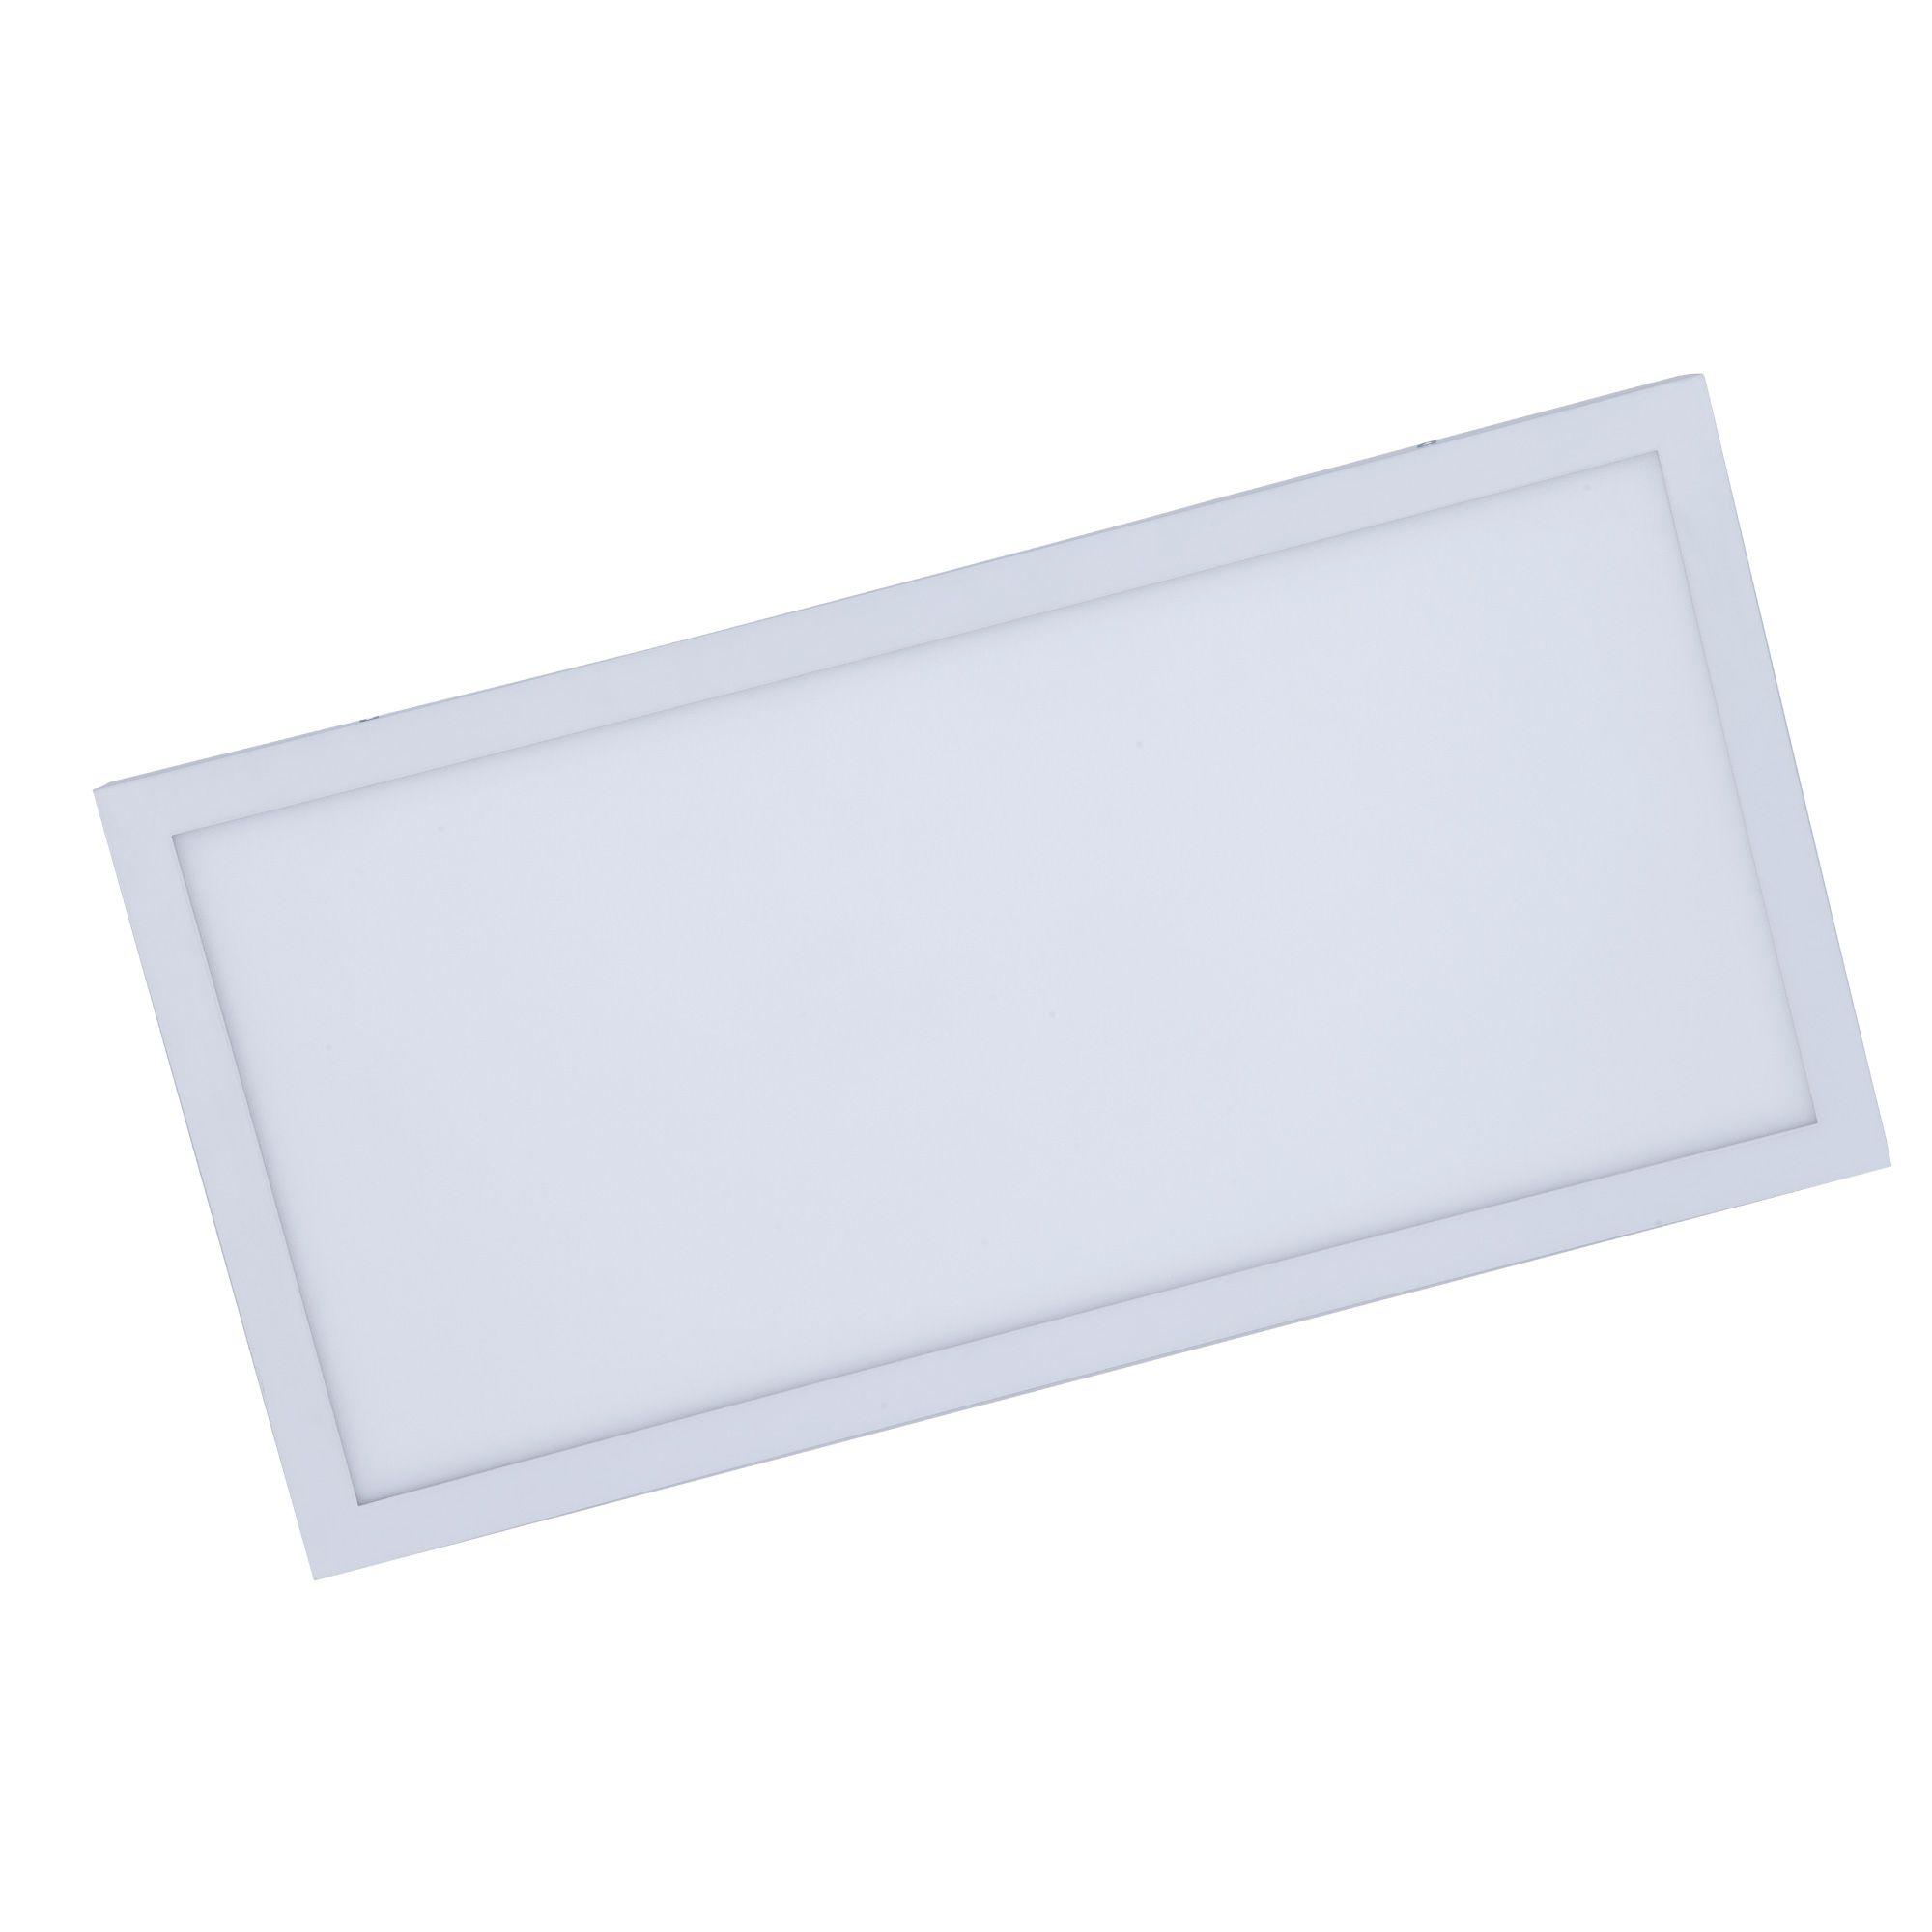 Painel de Sobrepor 30x60 cm 6000k (Branco Frio)